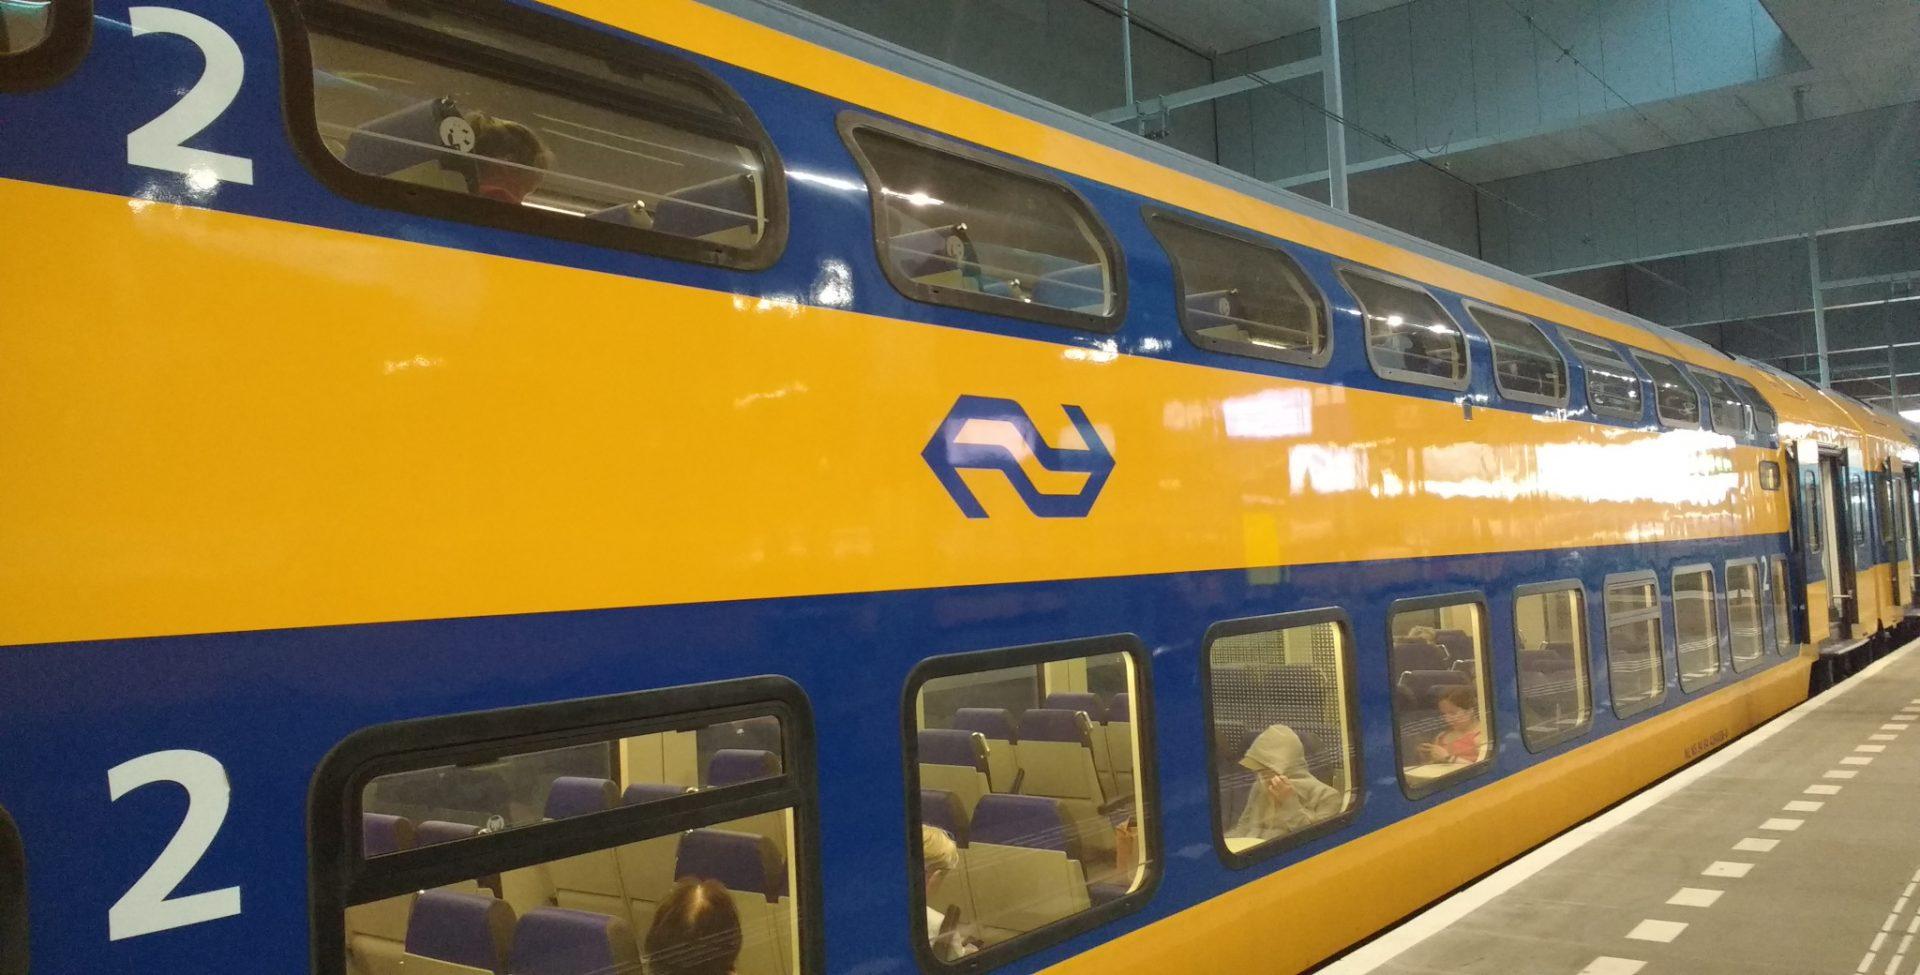 NS Trein Op Station Breda